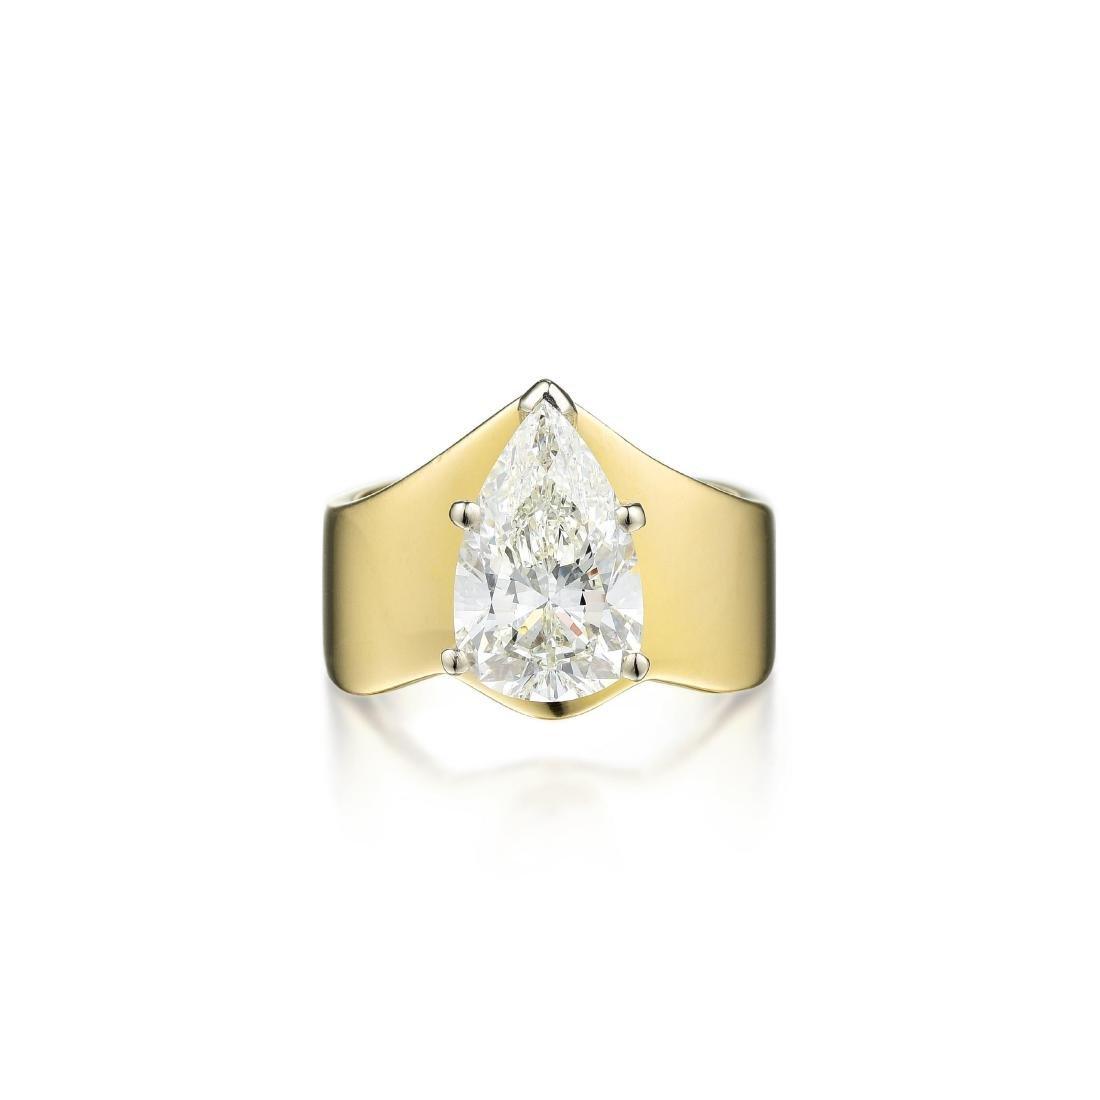 A 2.91-Carat H SI1 Diamond Ring